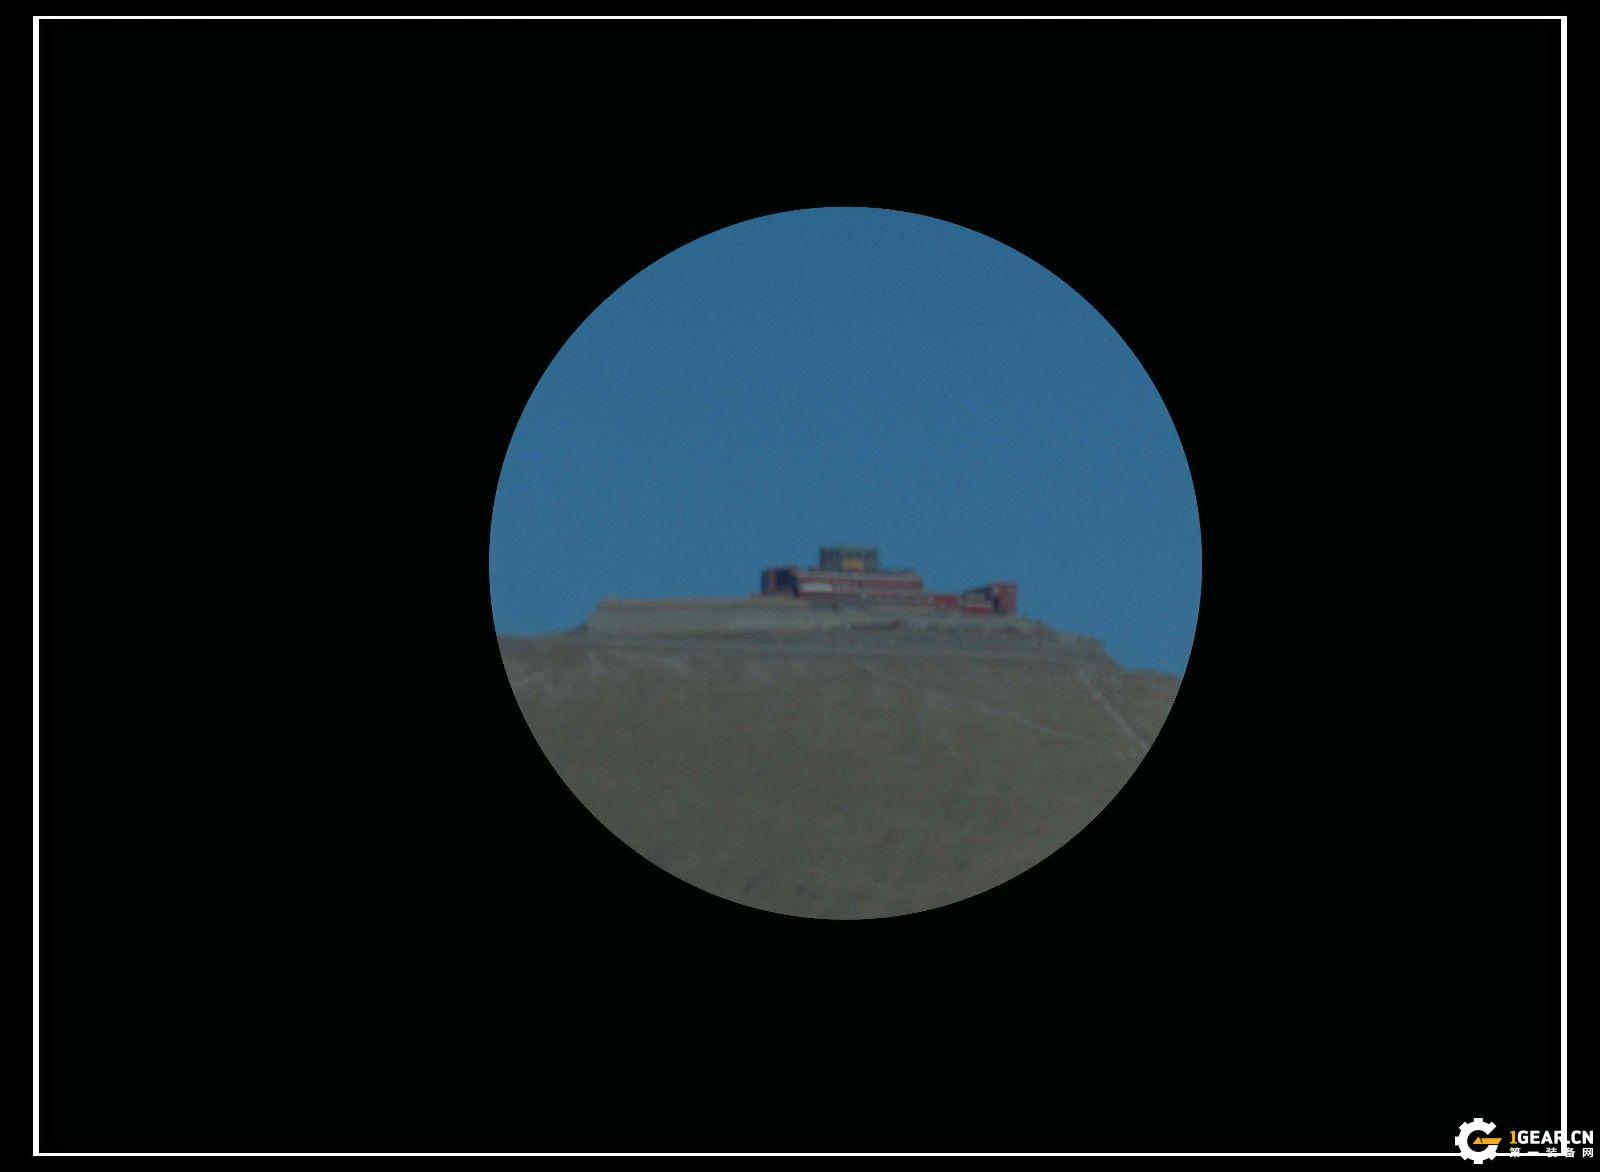 BOSMA 博冠望远镜 为你把握精彩瞬间